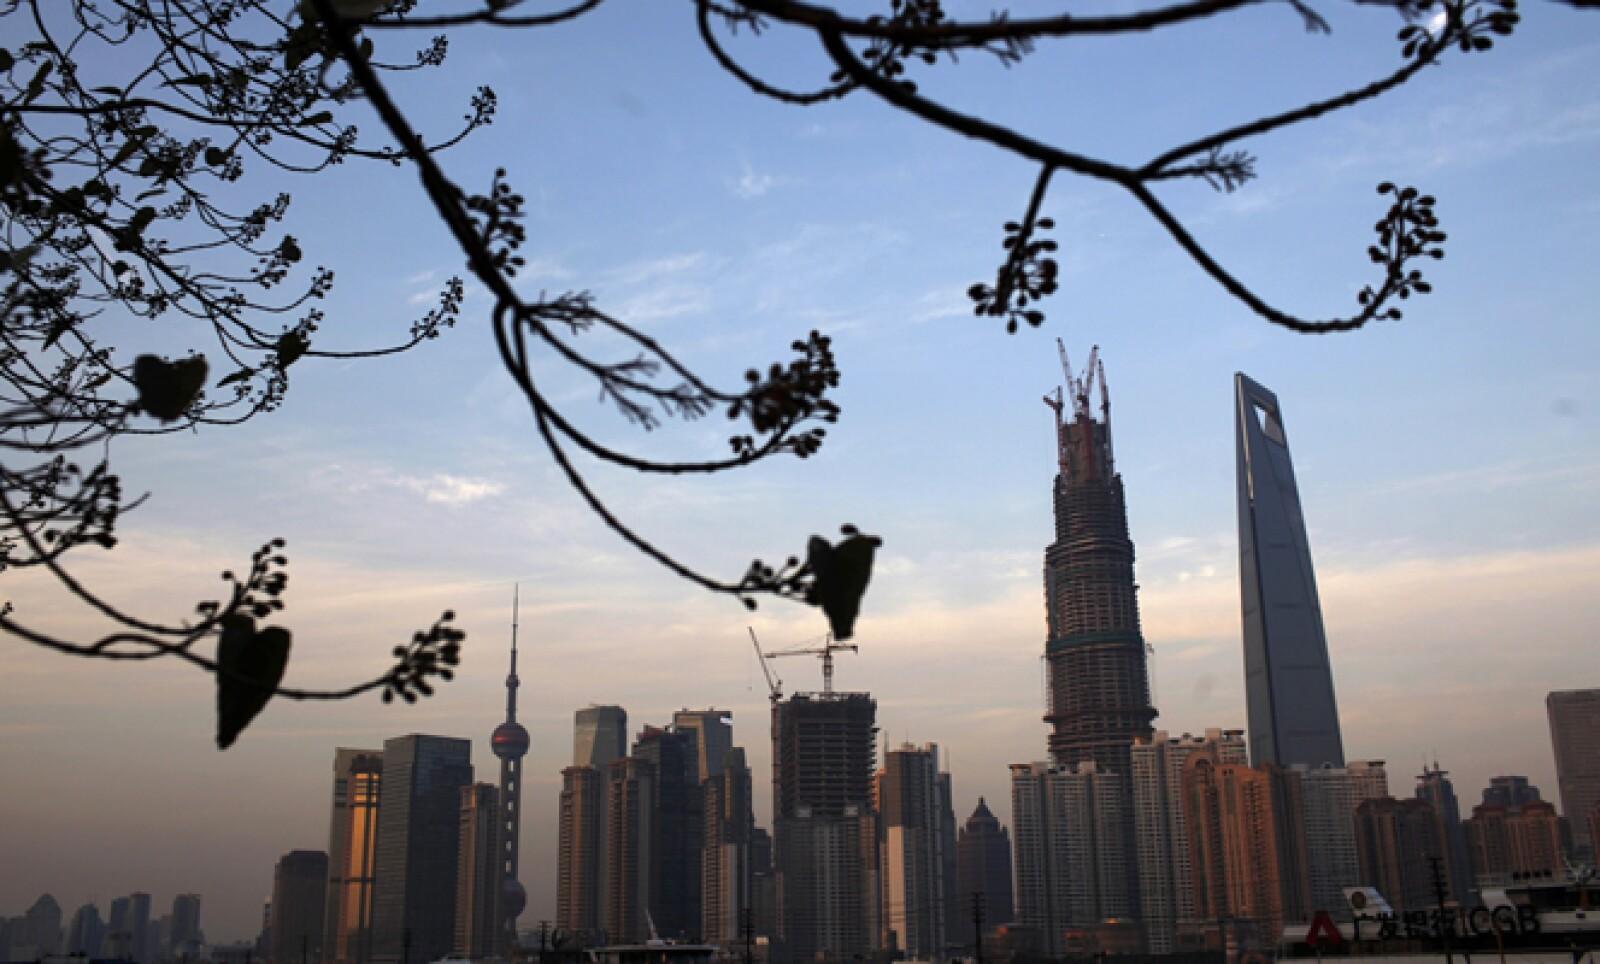 El inmueble está a decenas de metros de los otros dos grandes rascacielos de la ciudad.